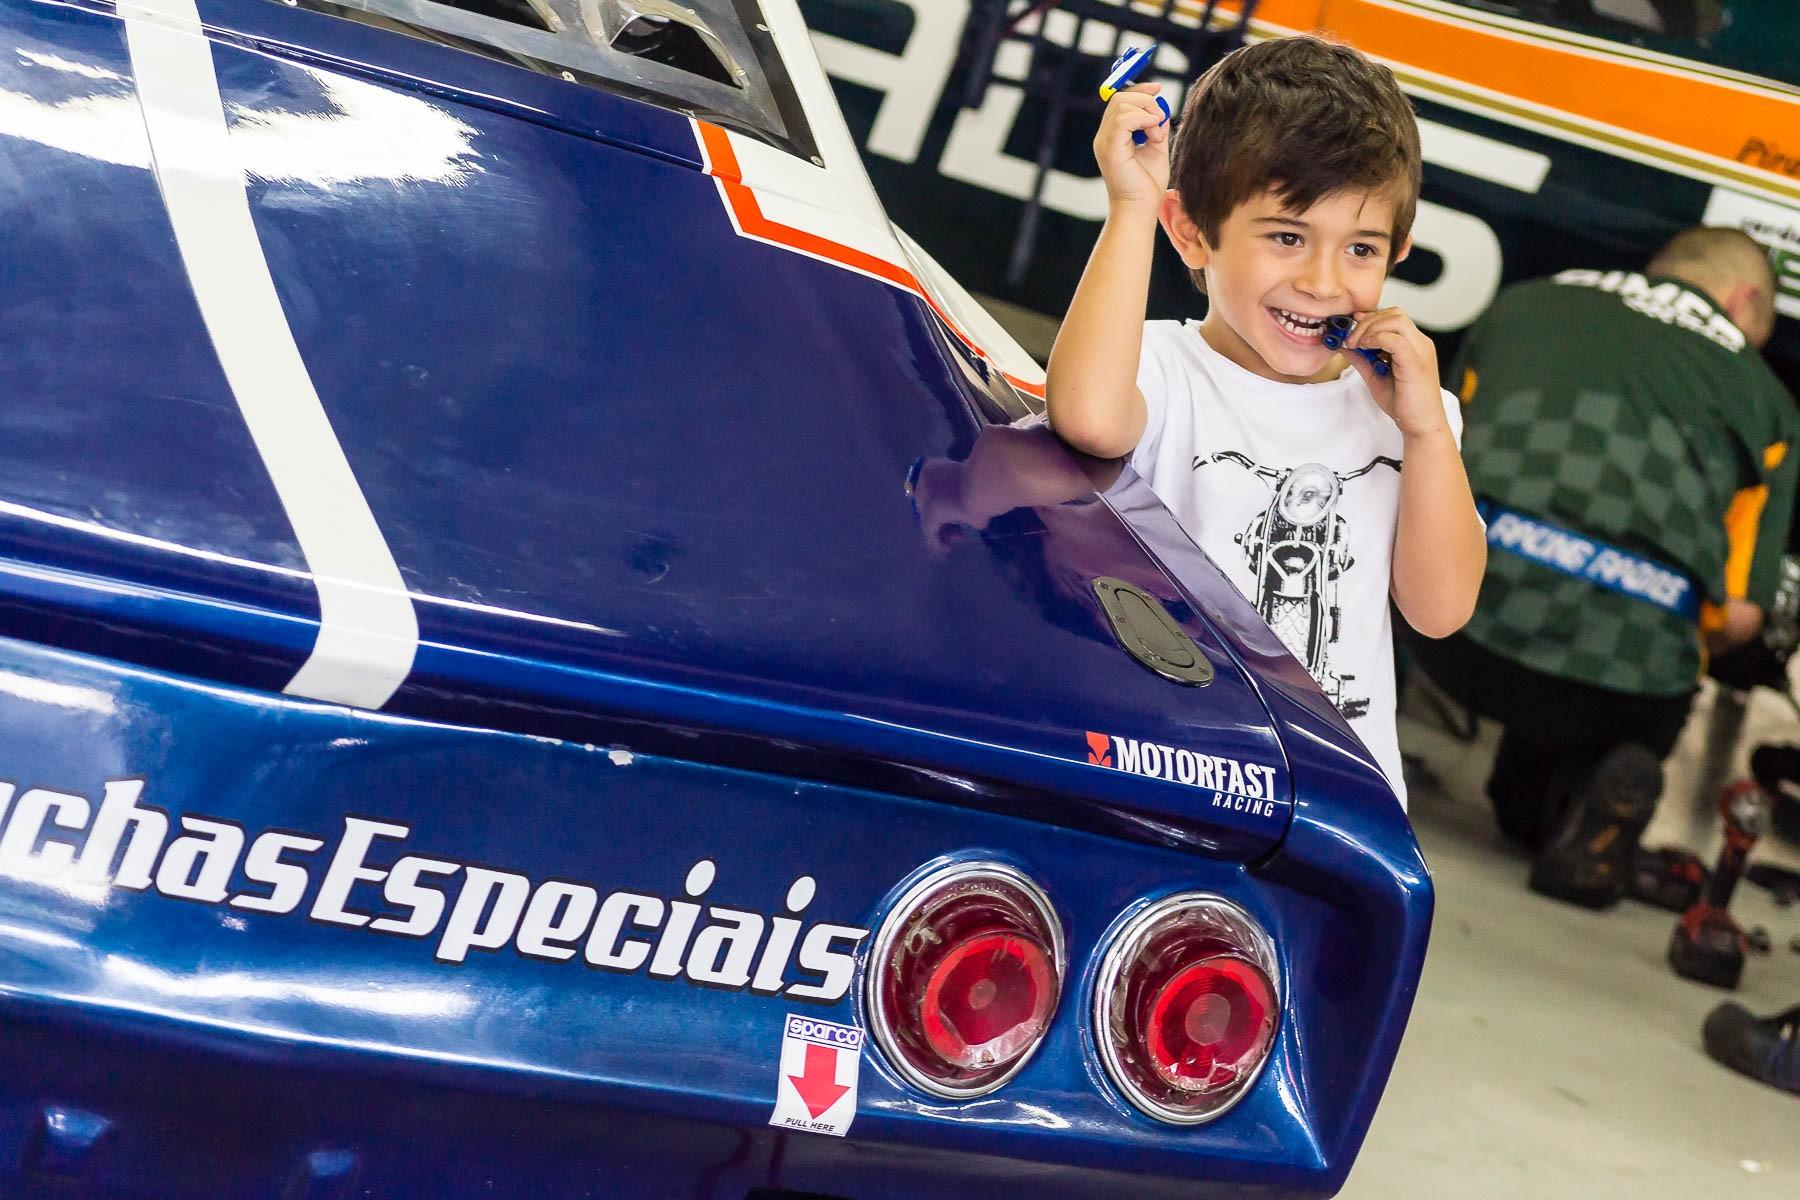 Criançada feliz #2 (Foto: Divulgação/Andre Lemes)